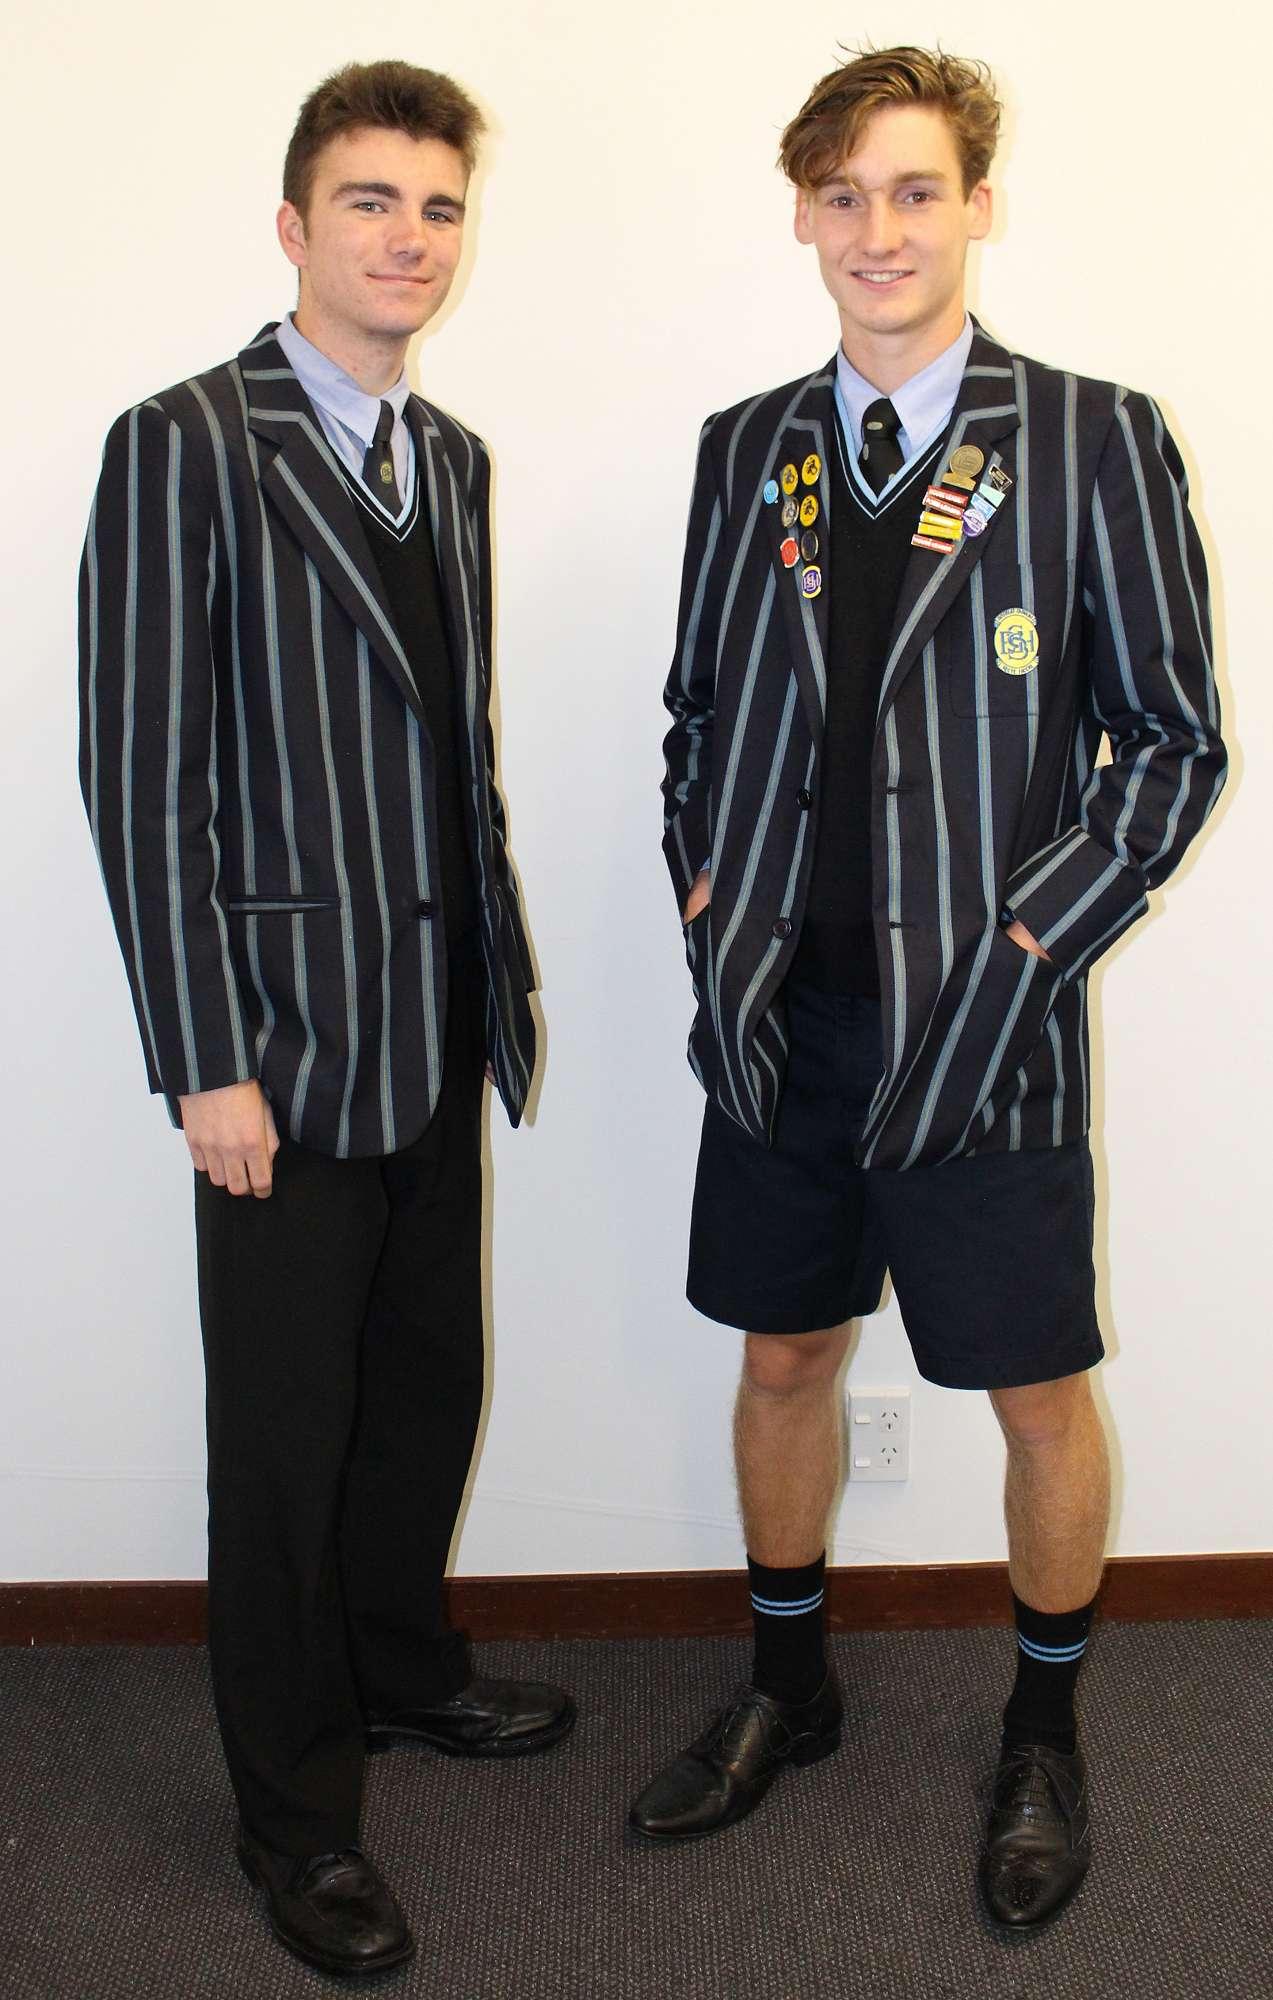 Shirley Boys High School Uniform Policy